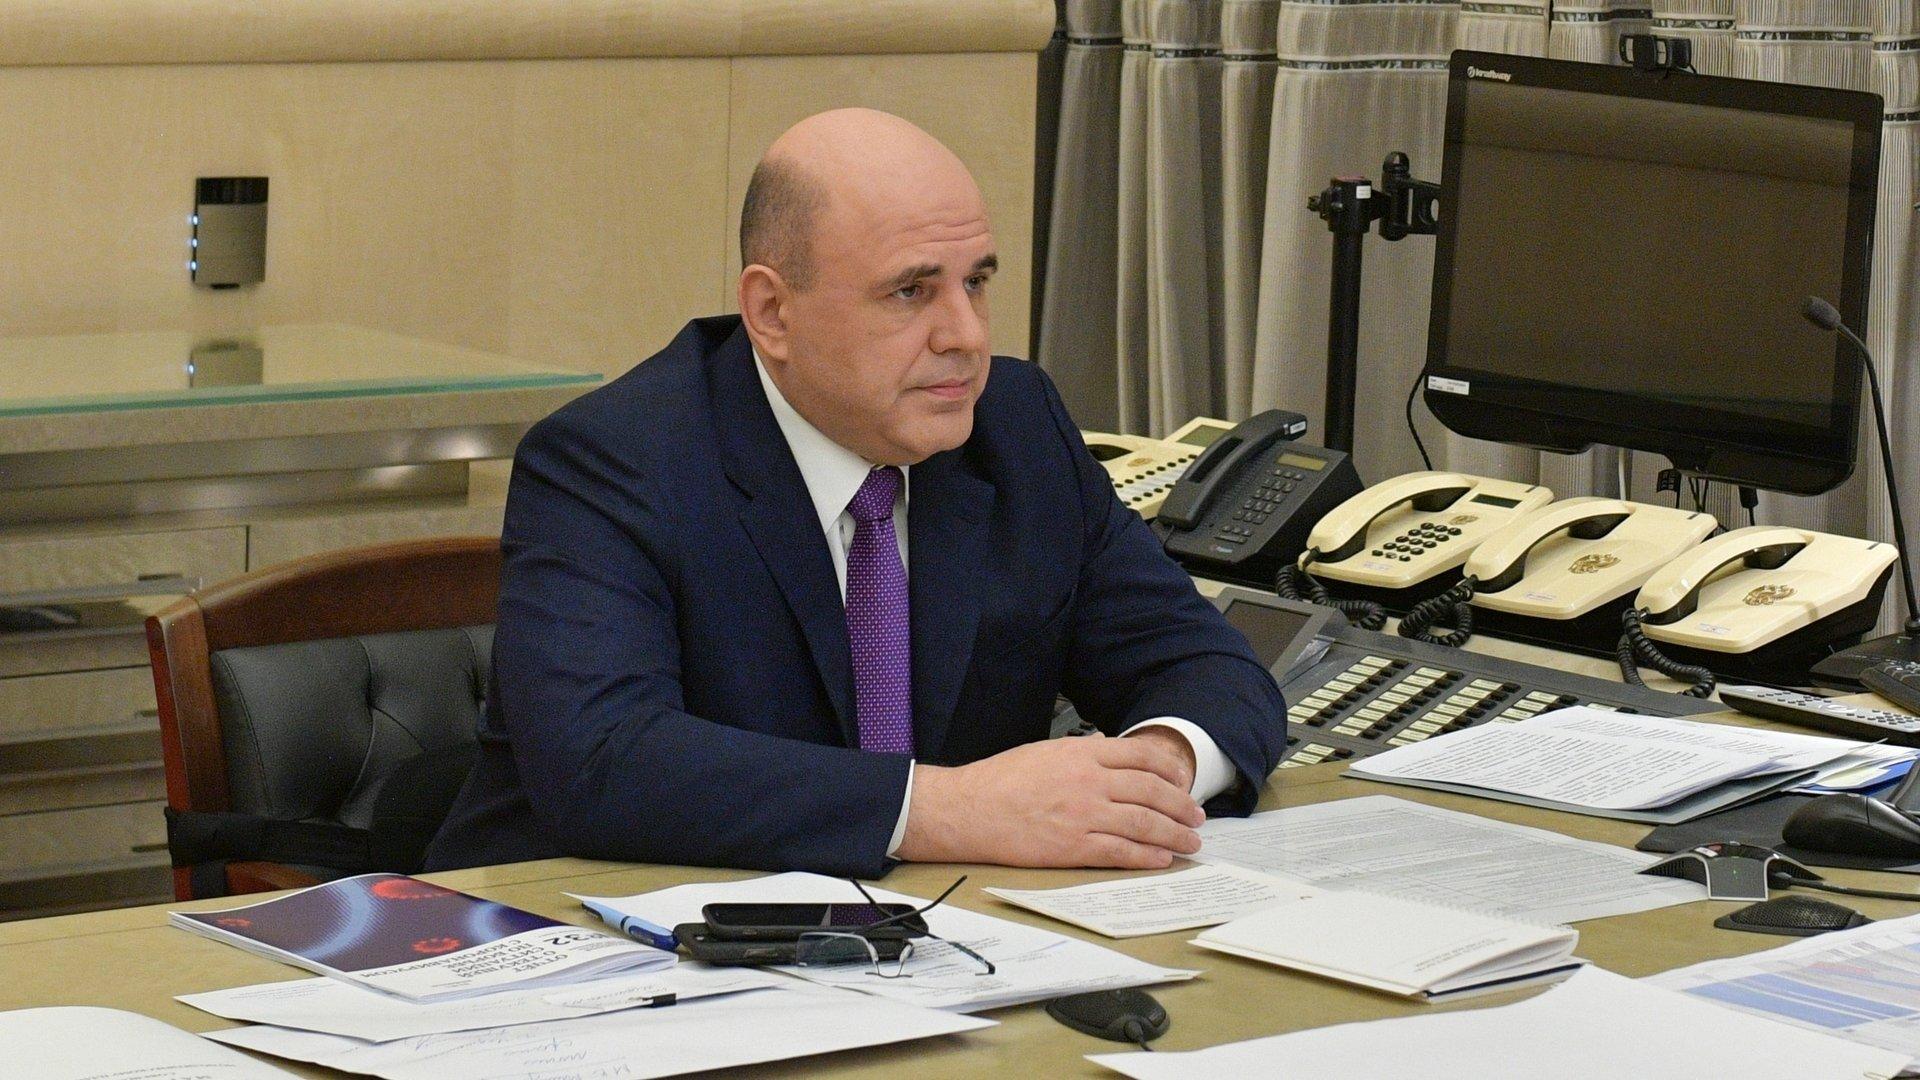 Фото: пресс-служба Правительства Российской Федерации